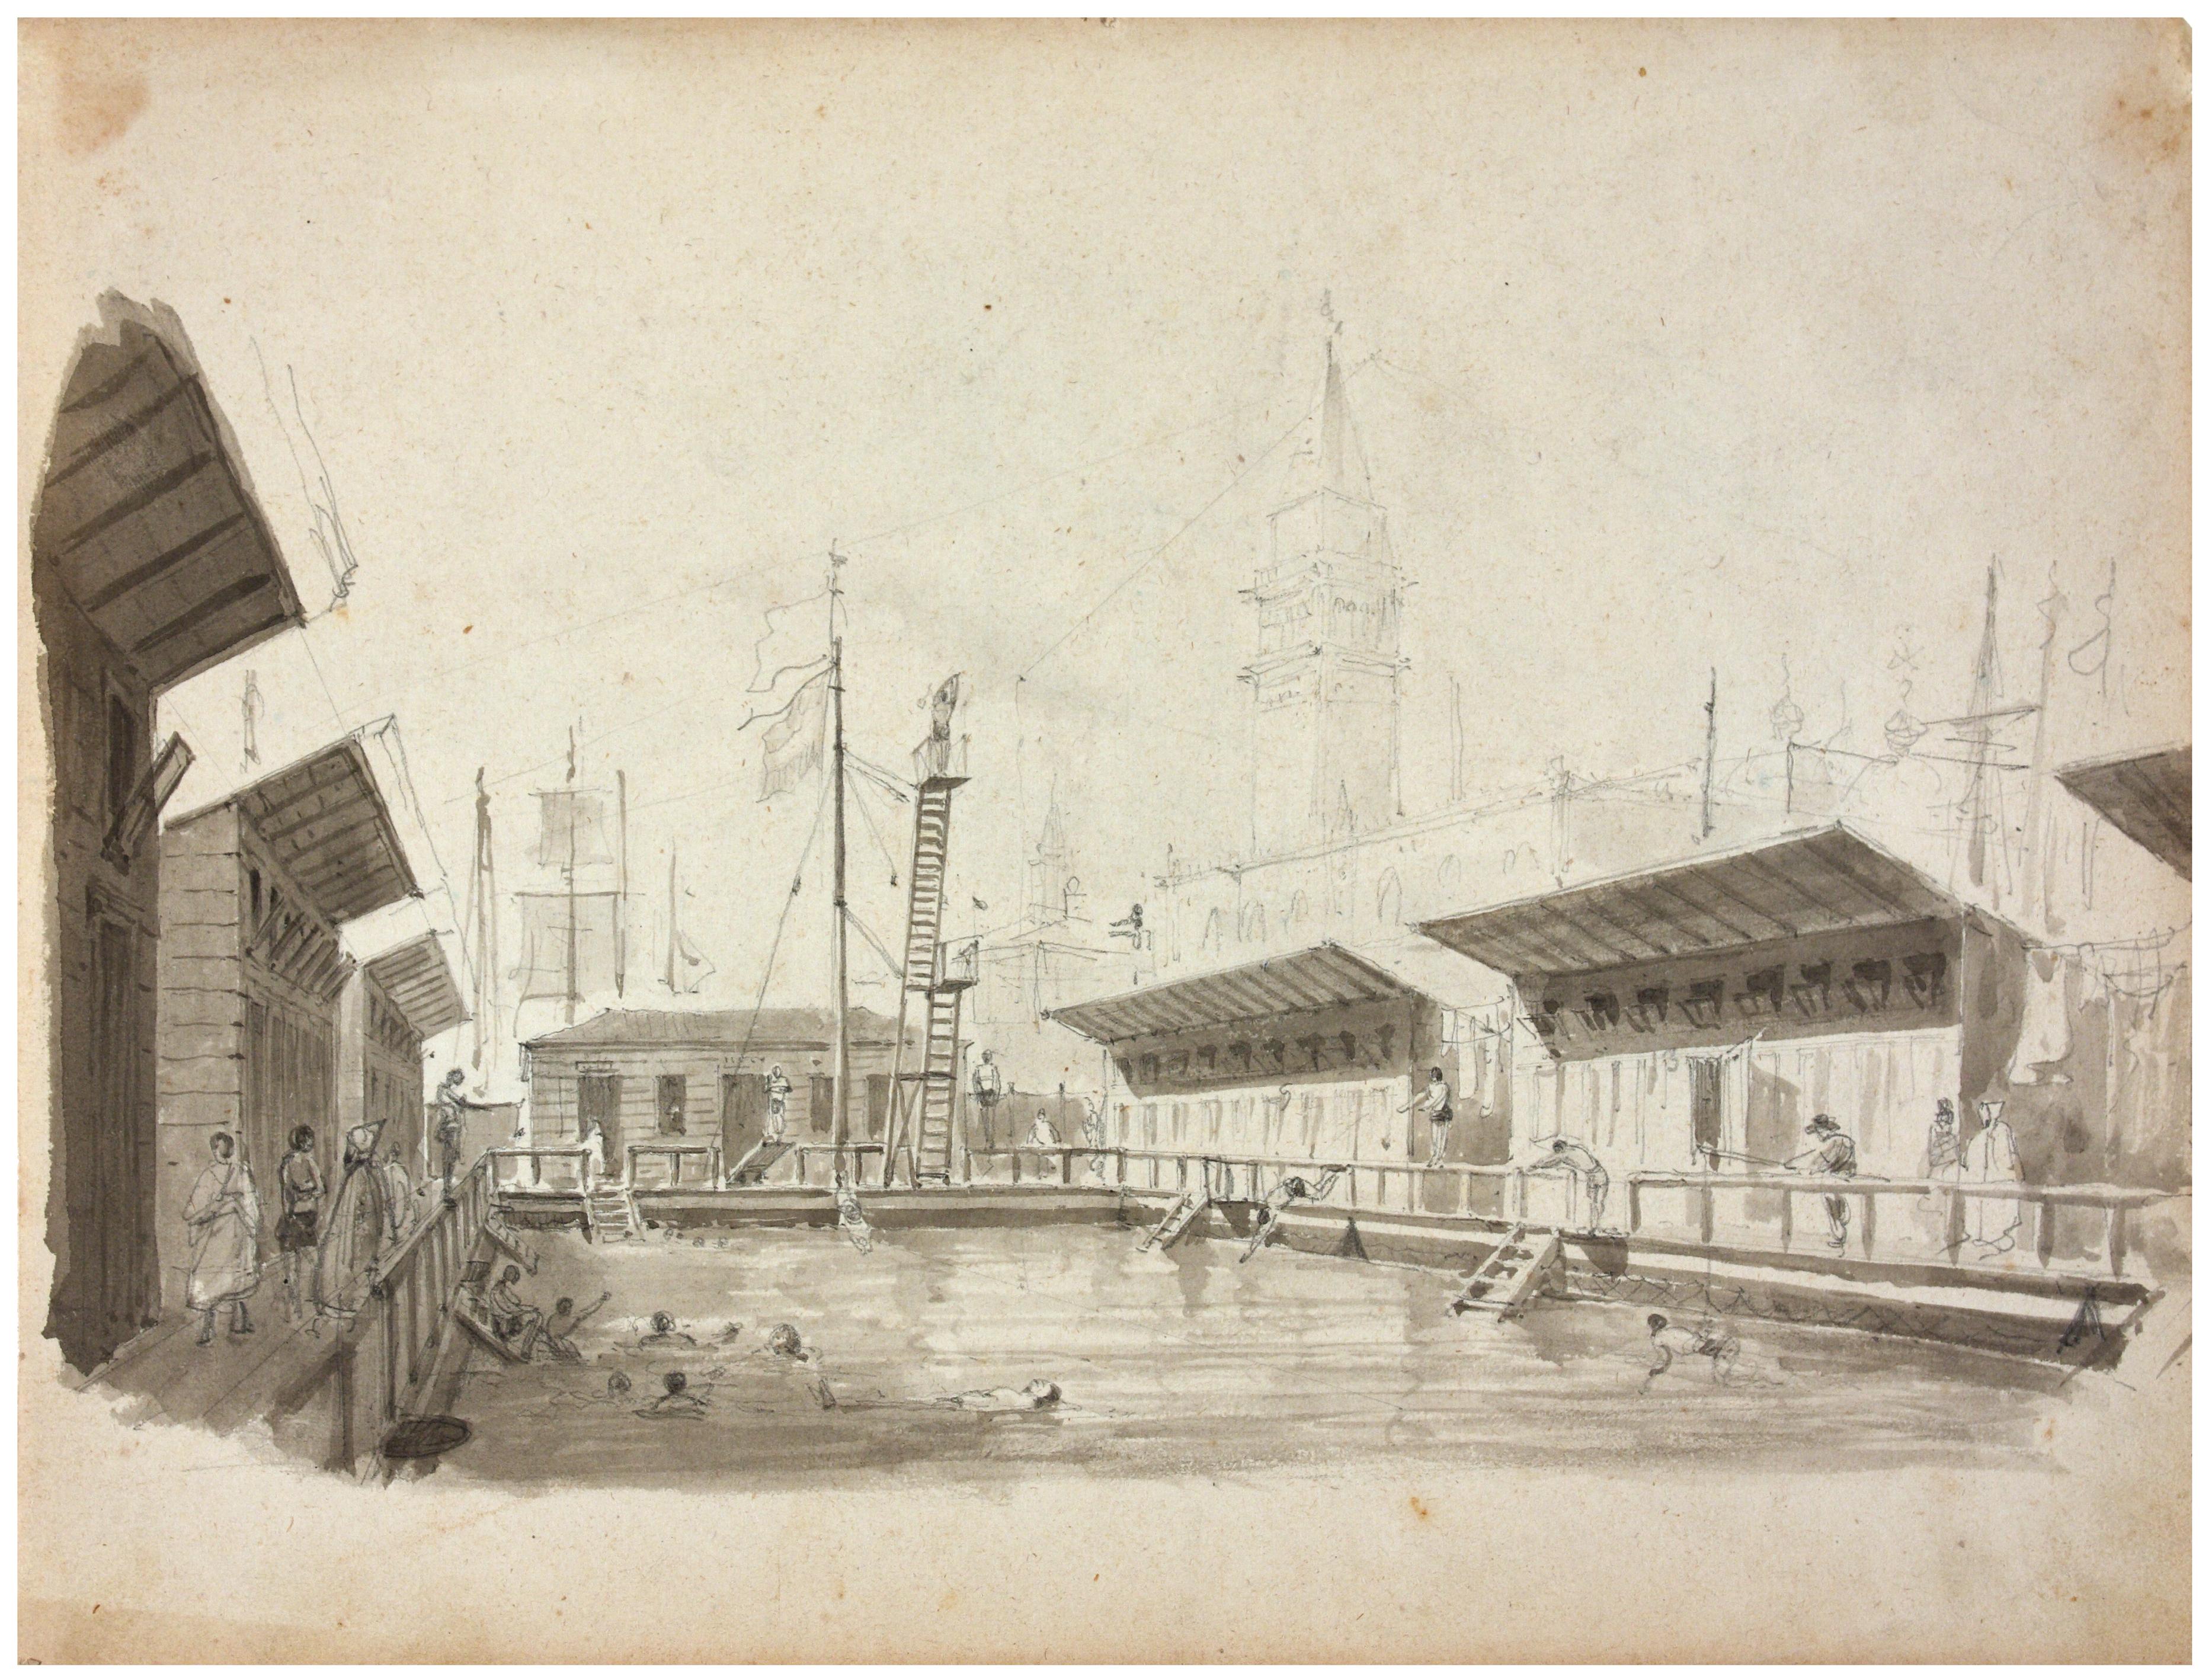 Giovanni Pividor, Interno dello stabilimento bagni di Tommaso Rima, 2e moitié du XIXe siècle. Archivio fotografico, Fondazione Musei Civici di Venezia.